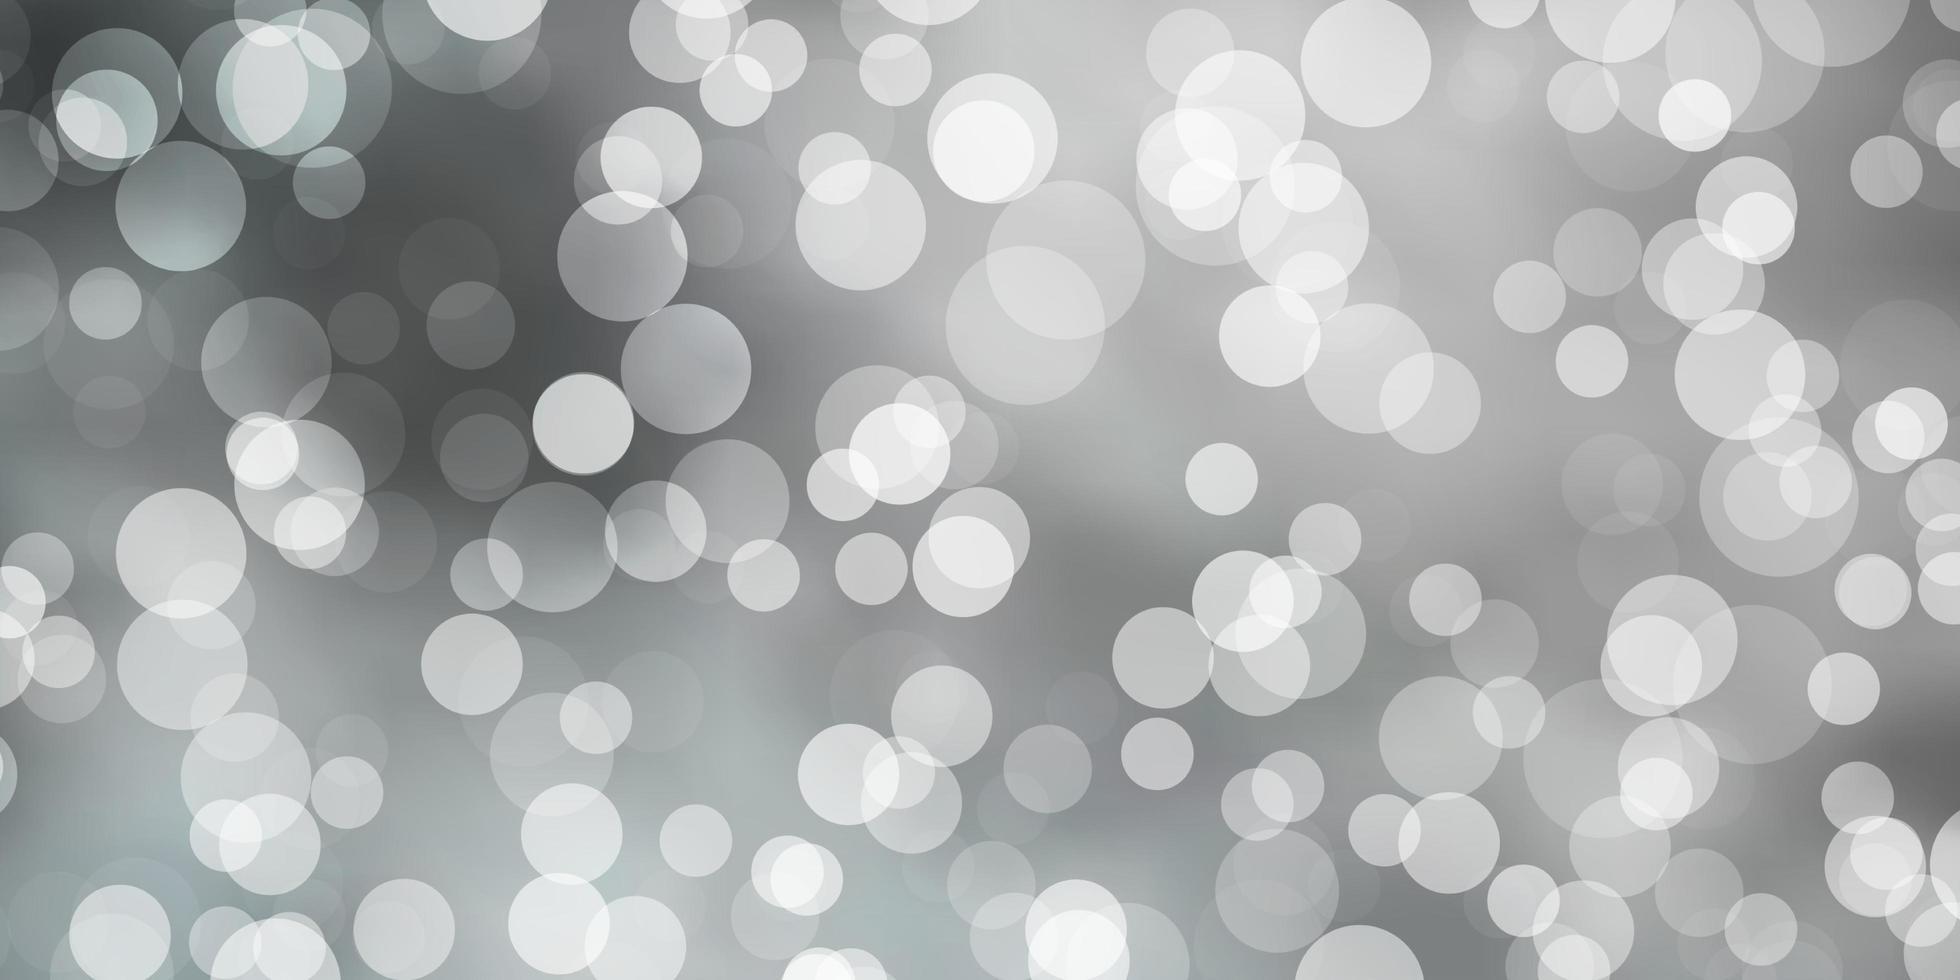 sfondo grigio chiaro con bolle. vettore